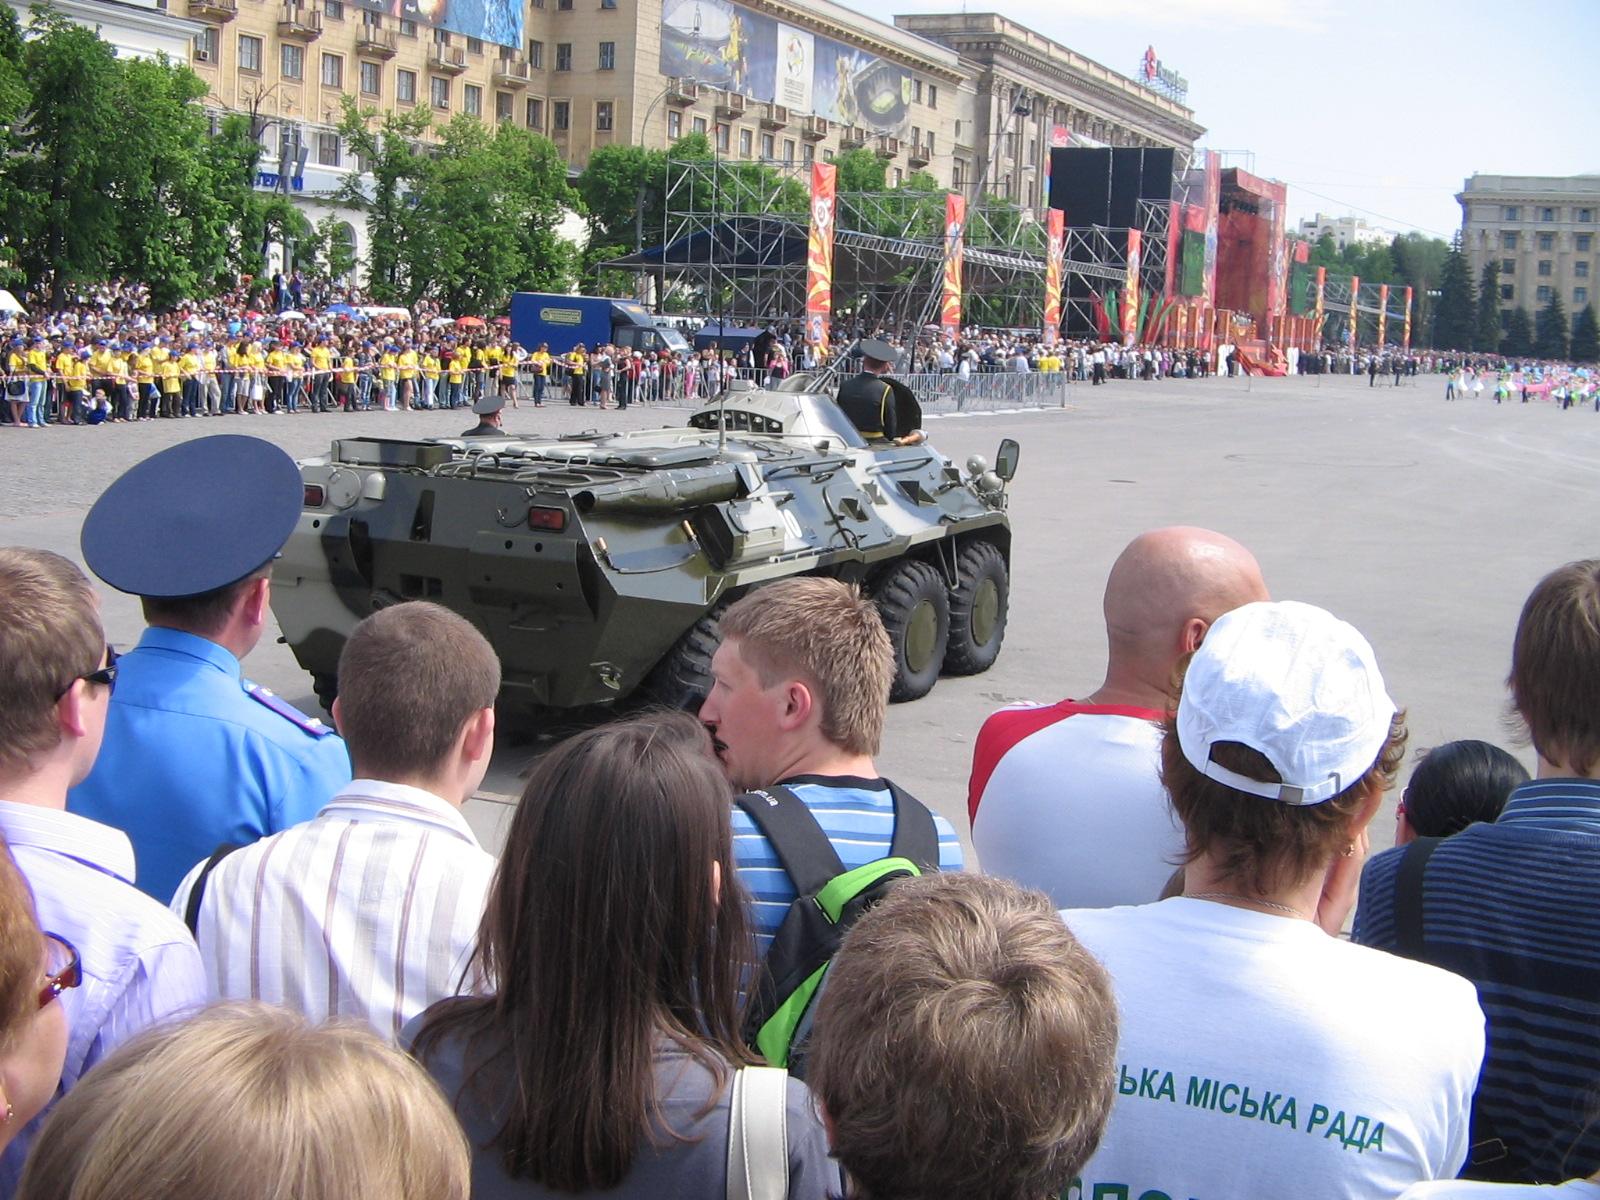 Харьков в XXI веке. 9 мая - отметили 65-летие победы во Второй Мировой войне